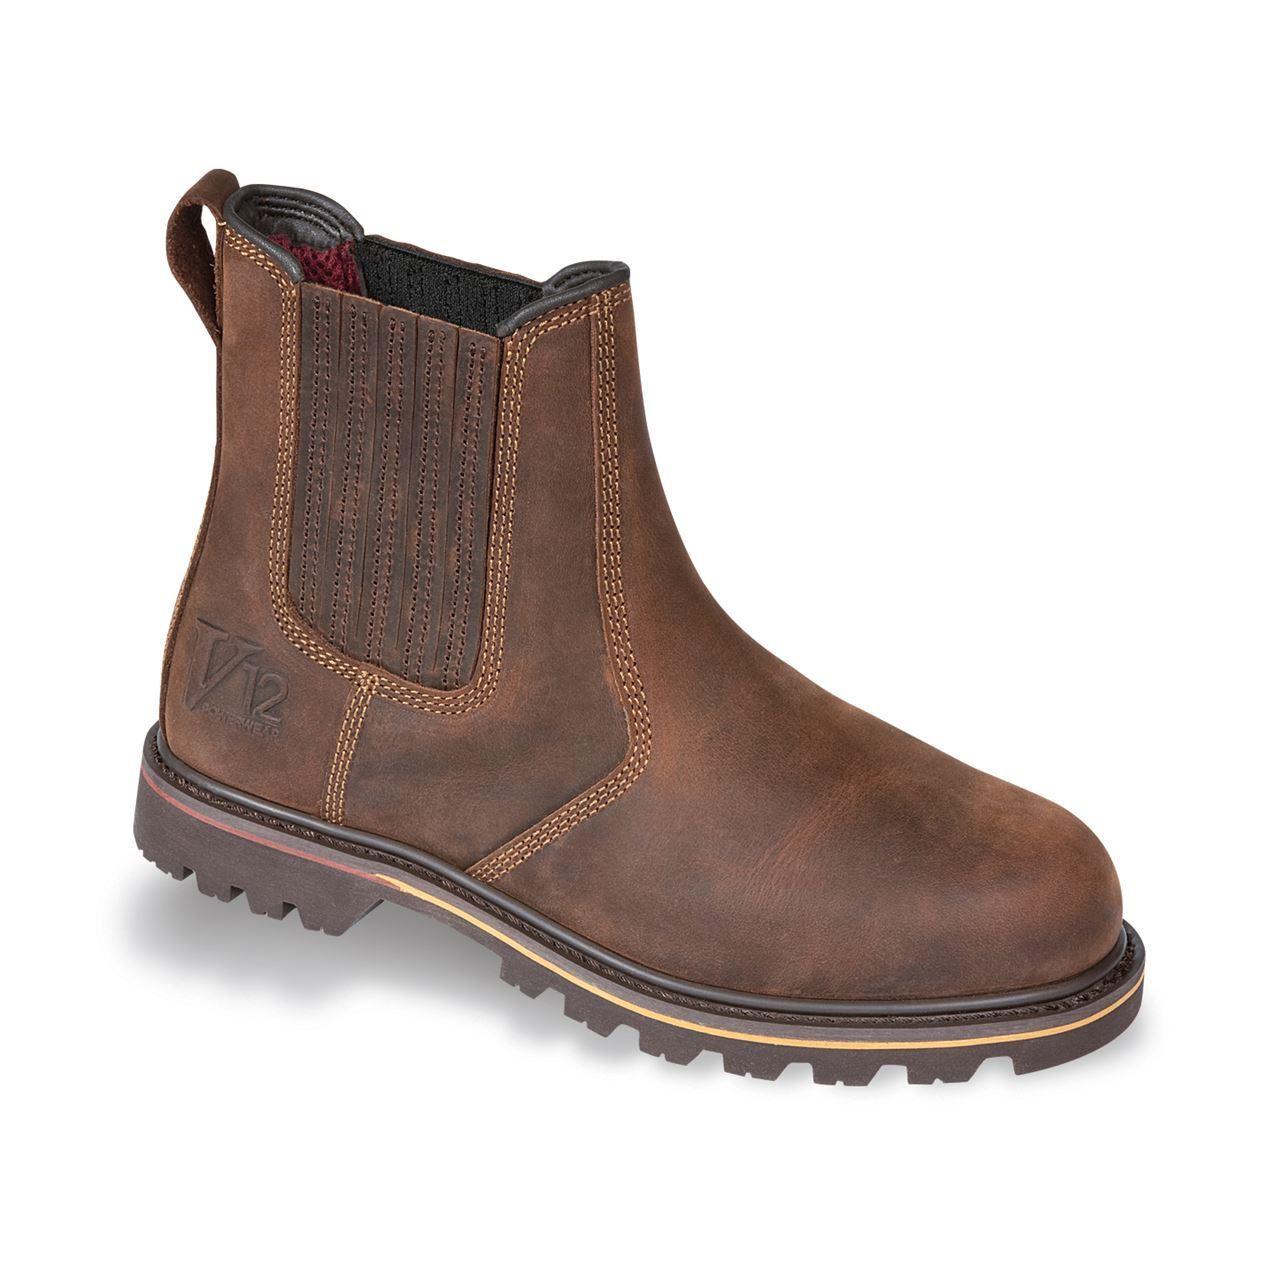 omaggi allo stadio V12 Rancher Stivali Da Uomo Rivenditore Pieno Fiore Fiore Fiore Pelle non safetyr Lavoro Casual Footwear  migliore offerta